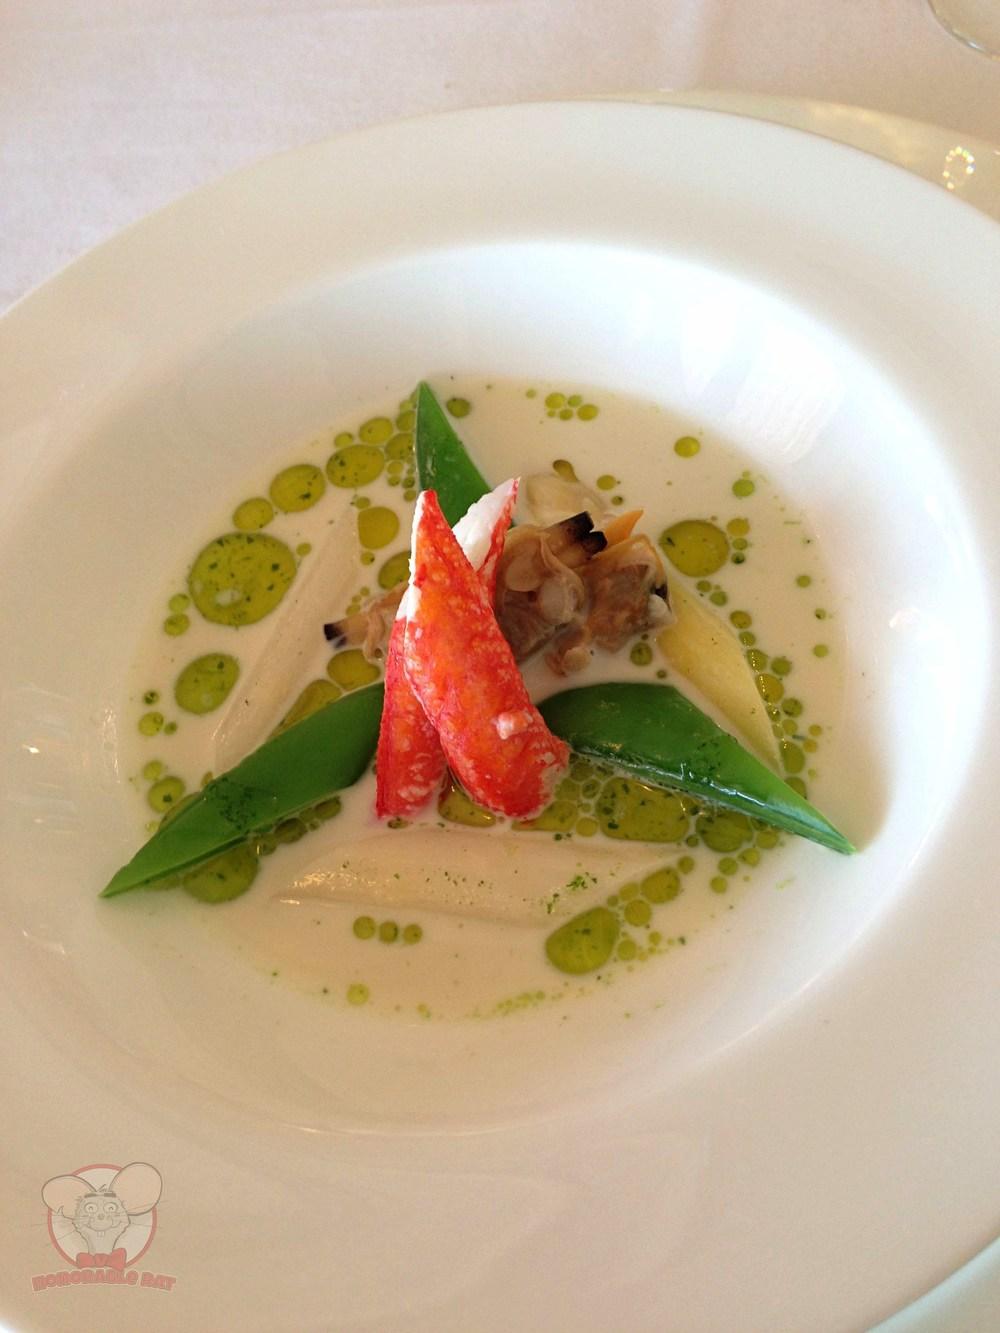 Soup of asparagus